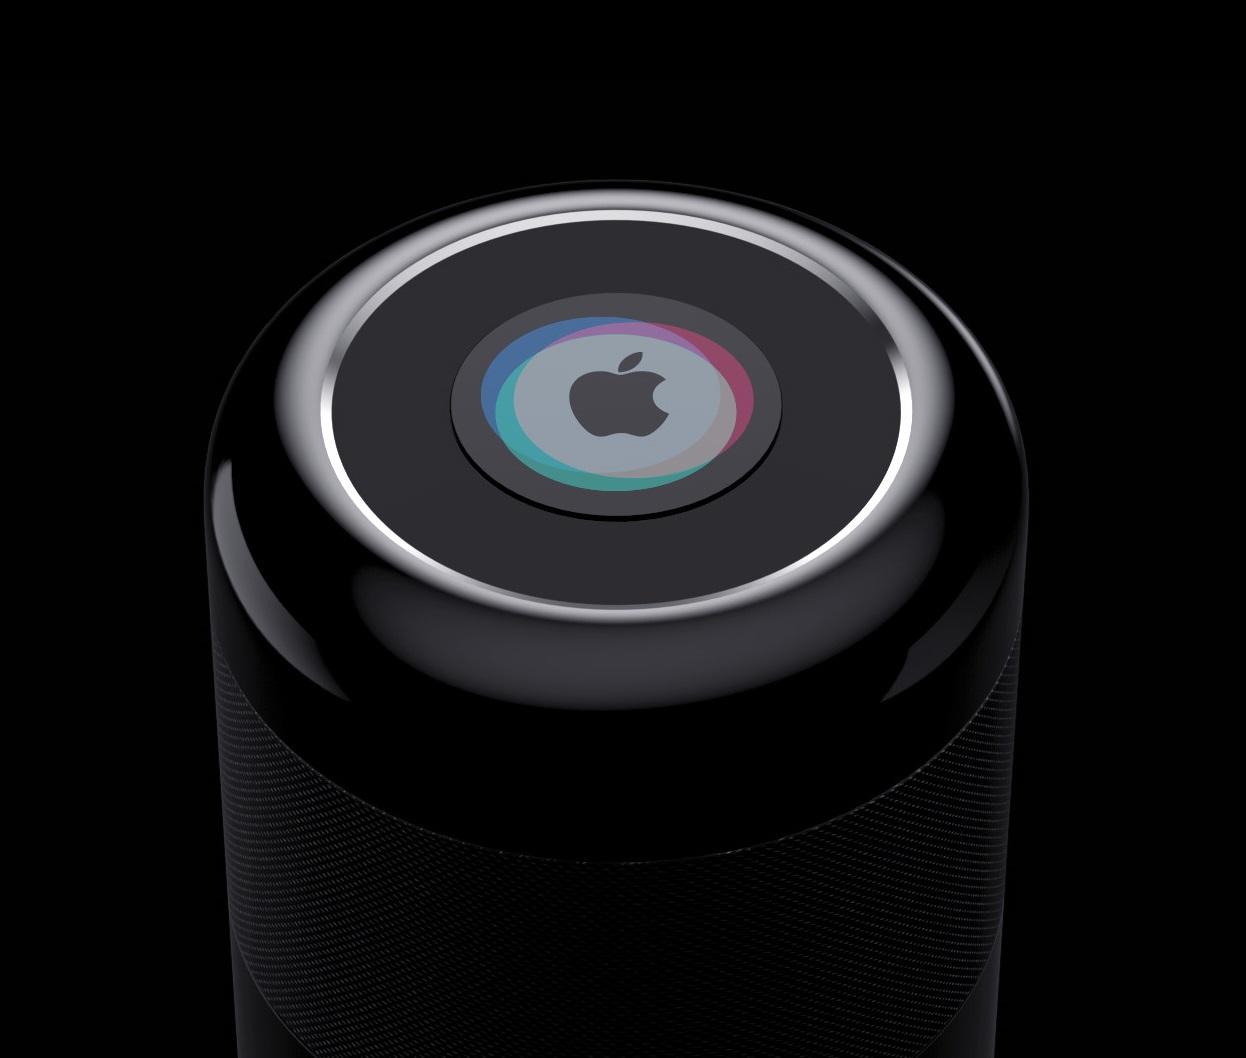 Apple представила «умную» колонку HomePod сSiri и8 динамиками